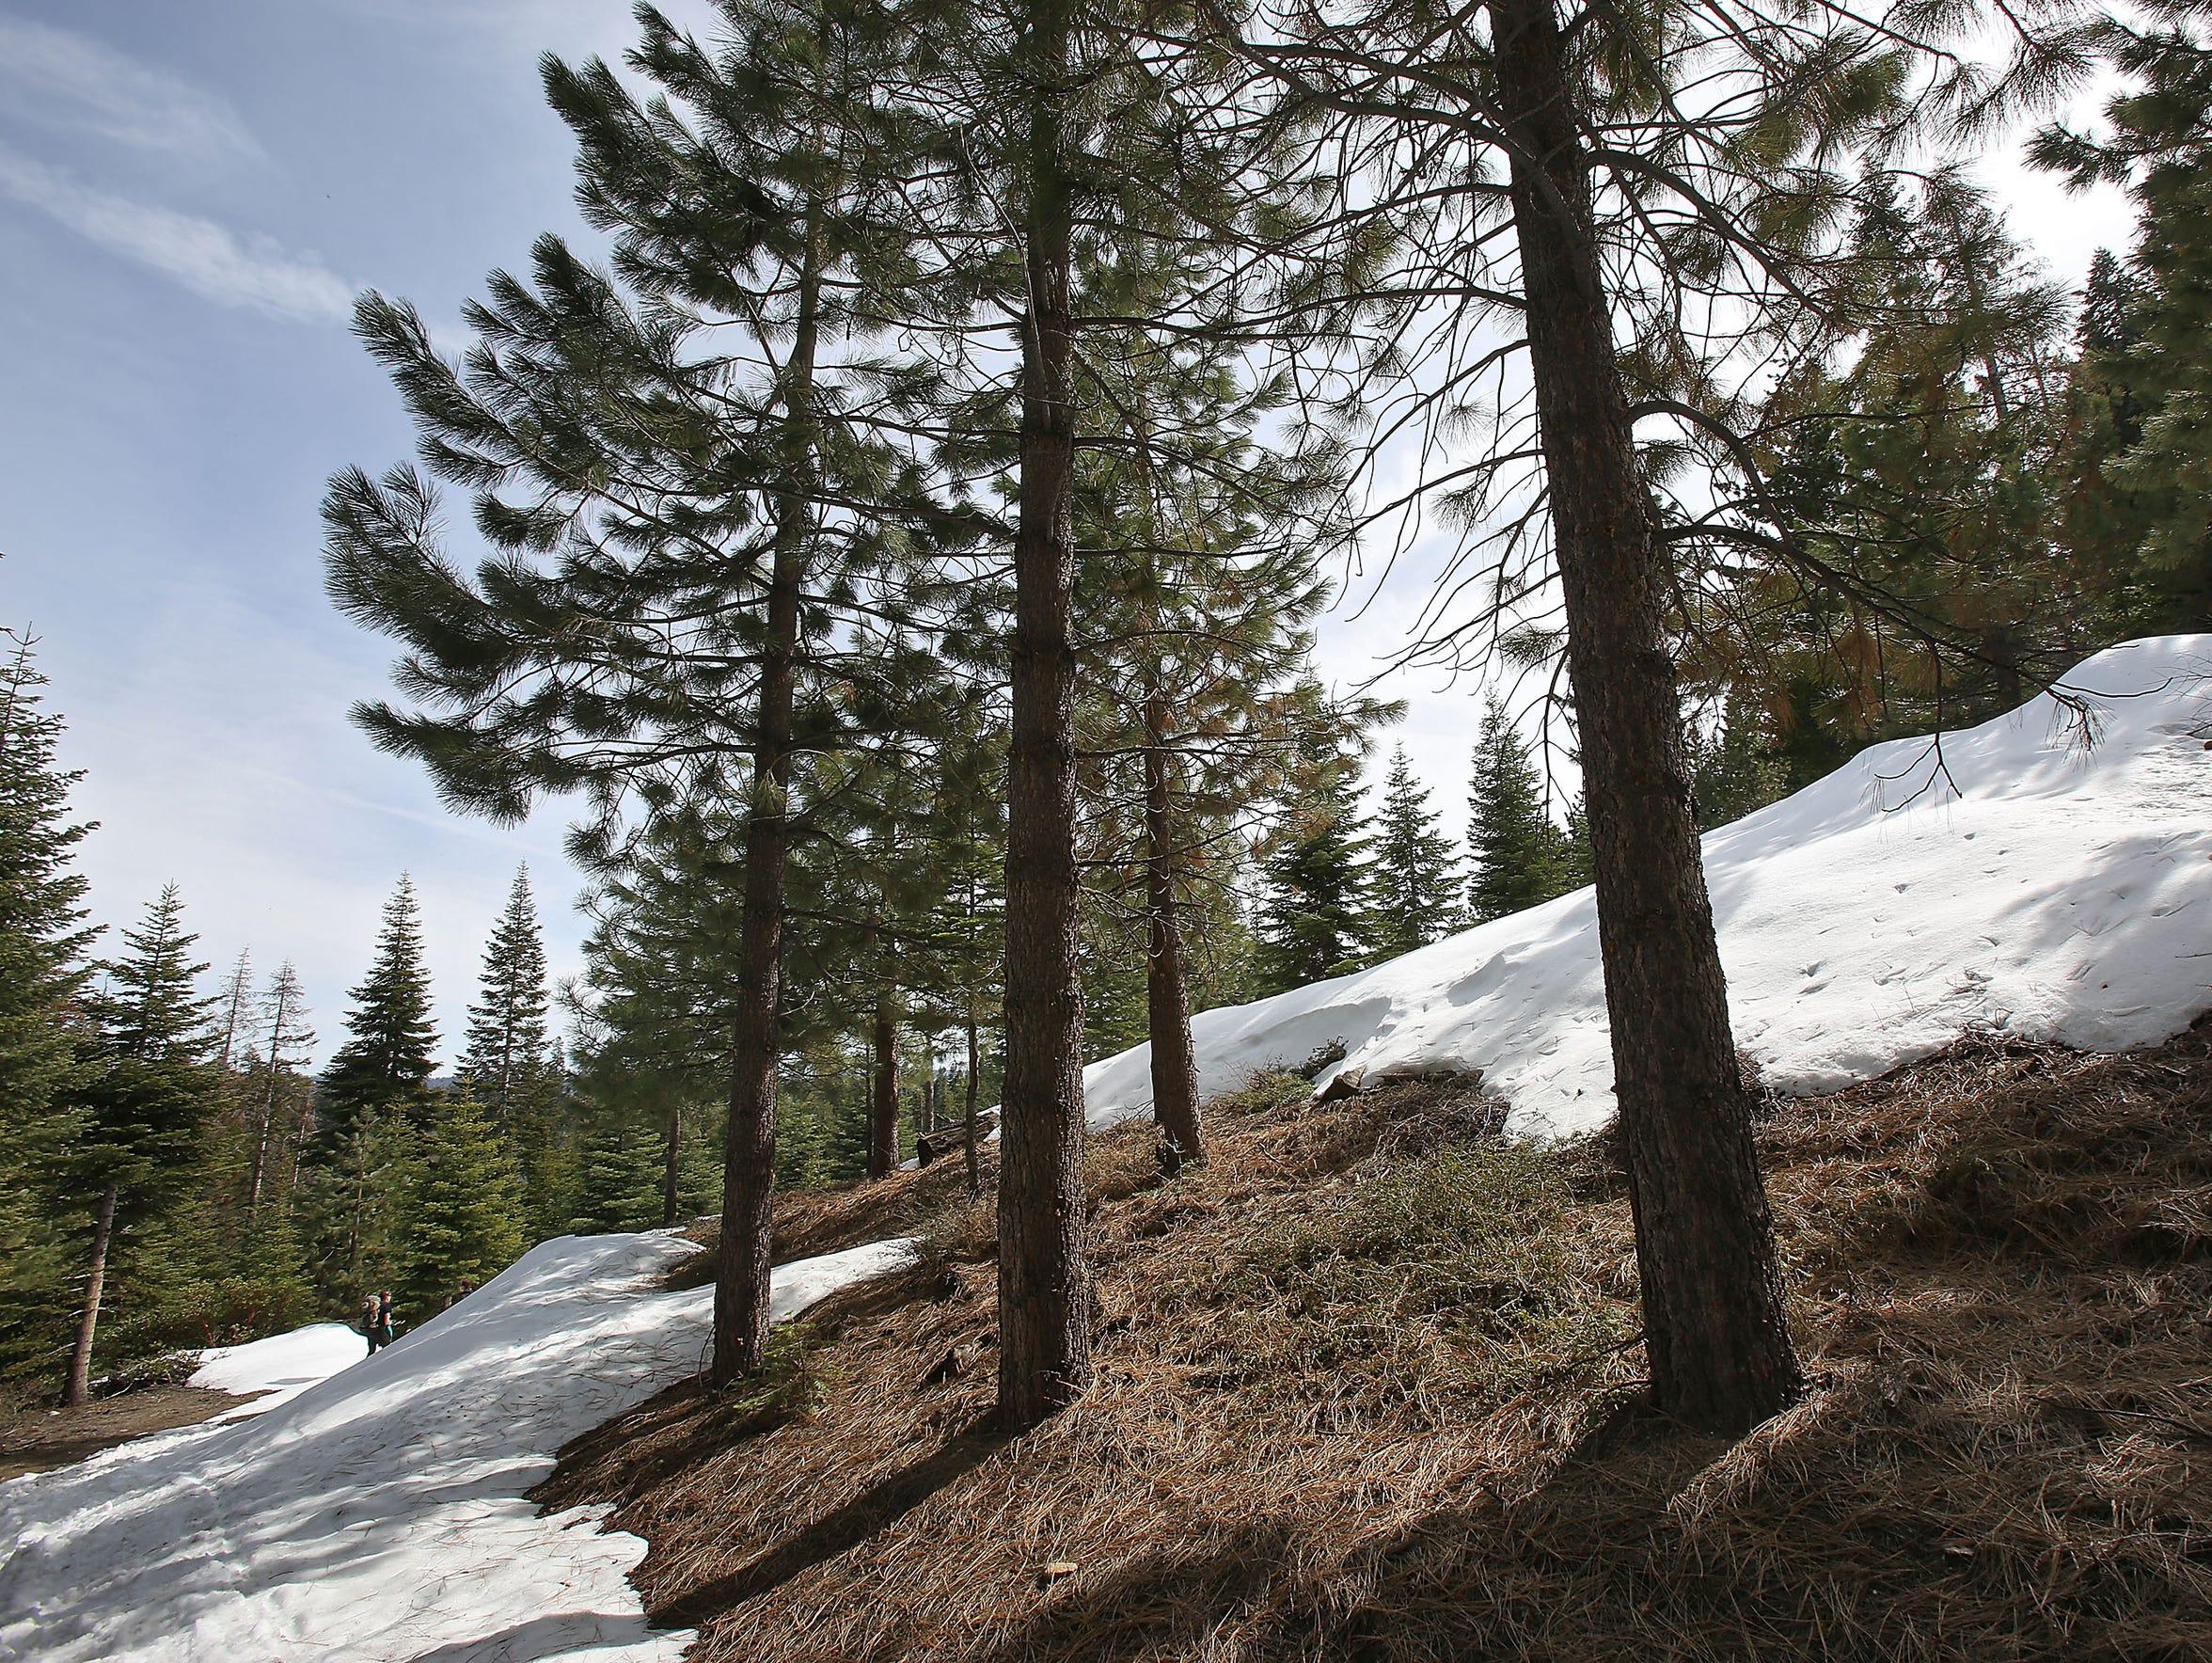 Measurements taken across the Sierra Nevada showed